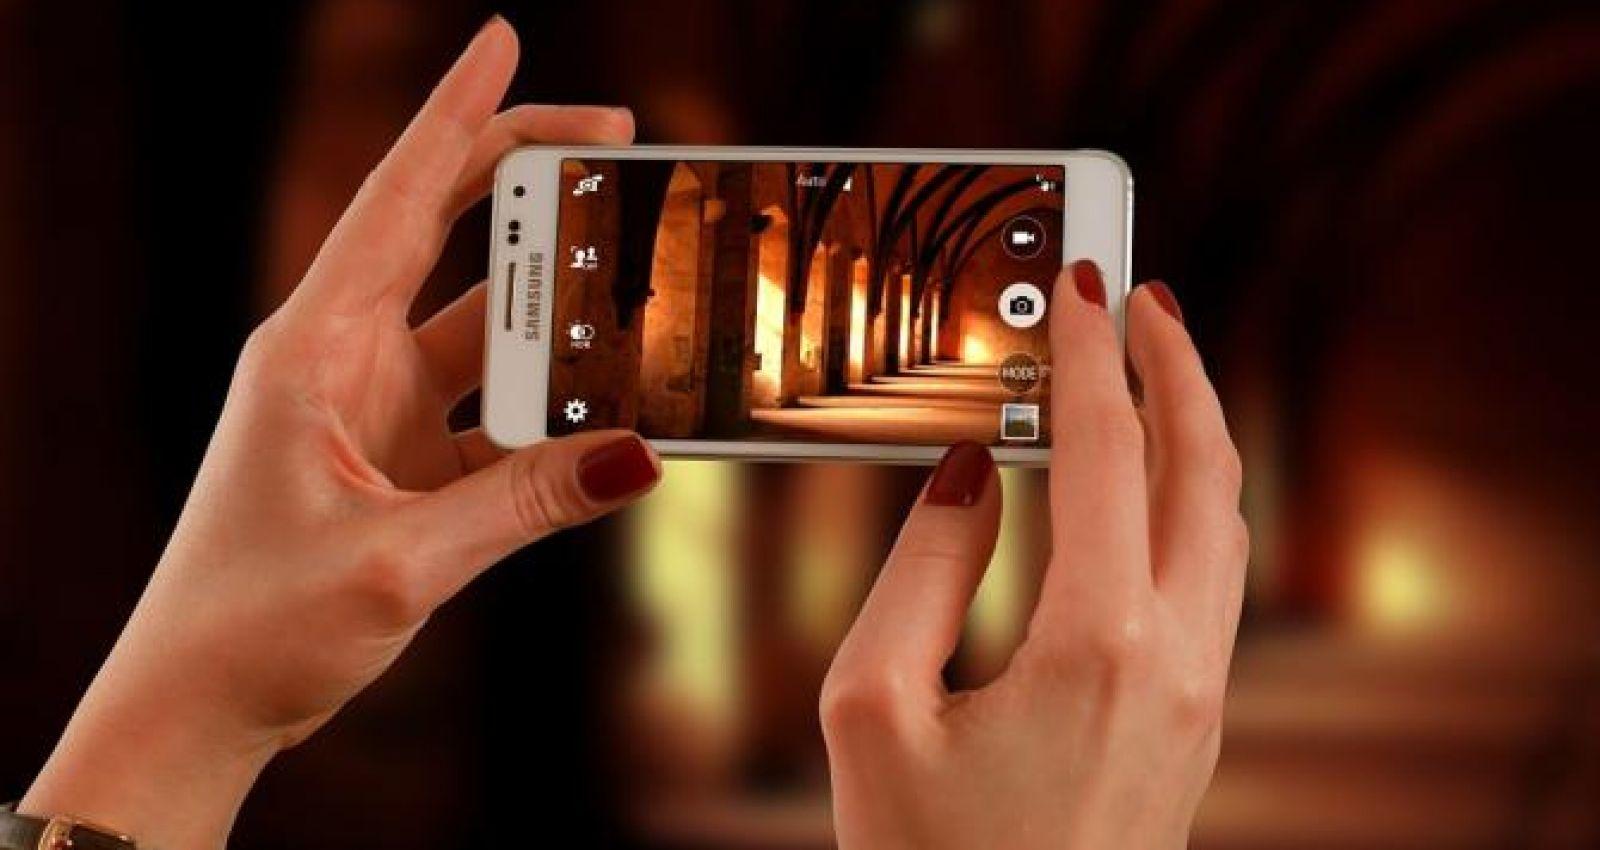 приложение в котором можно отражать фото там